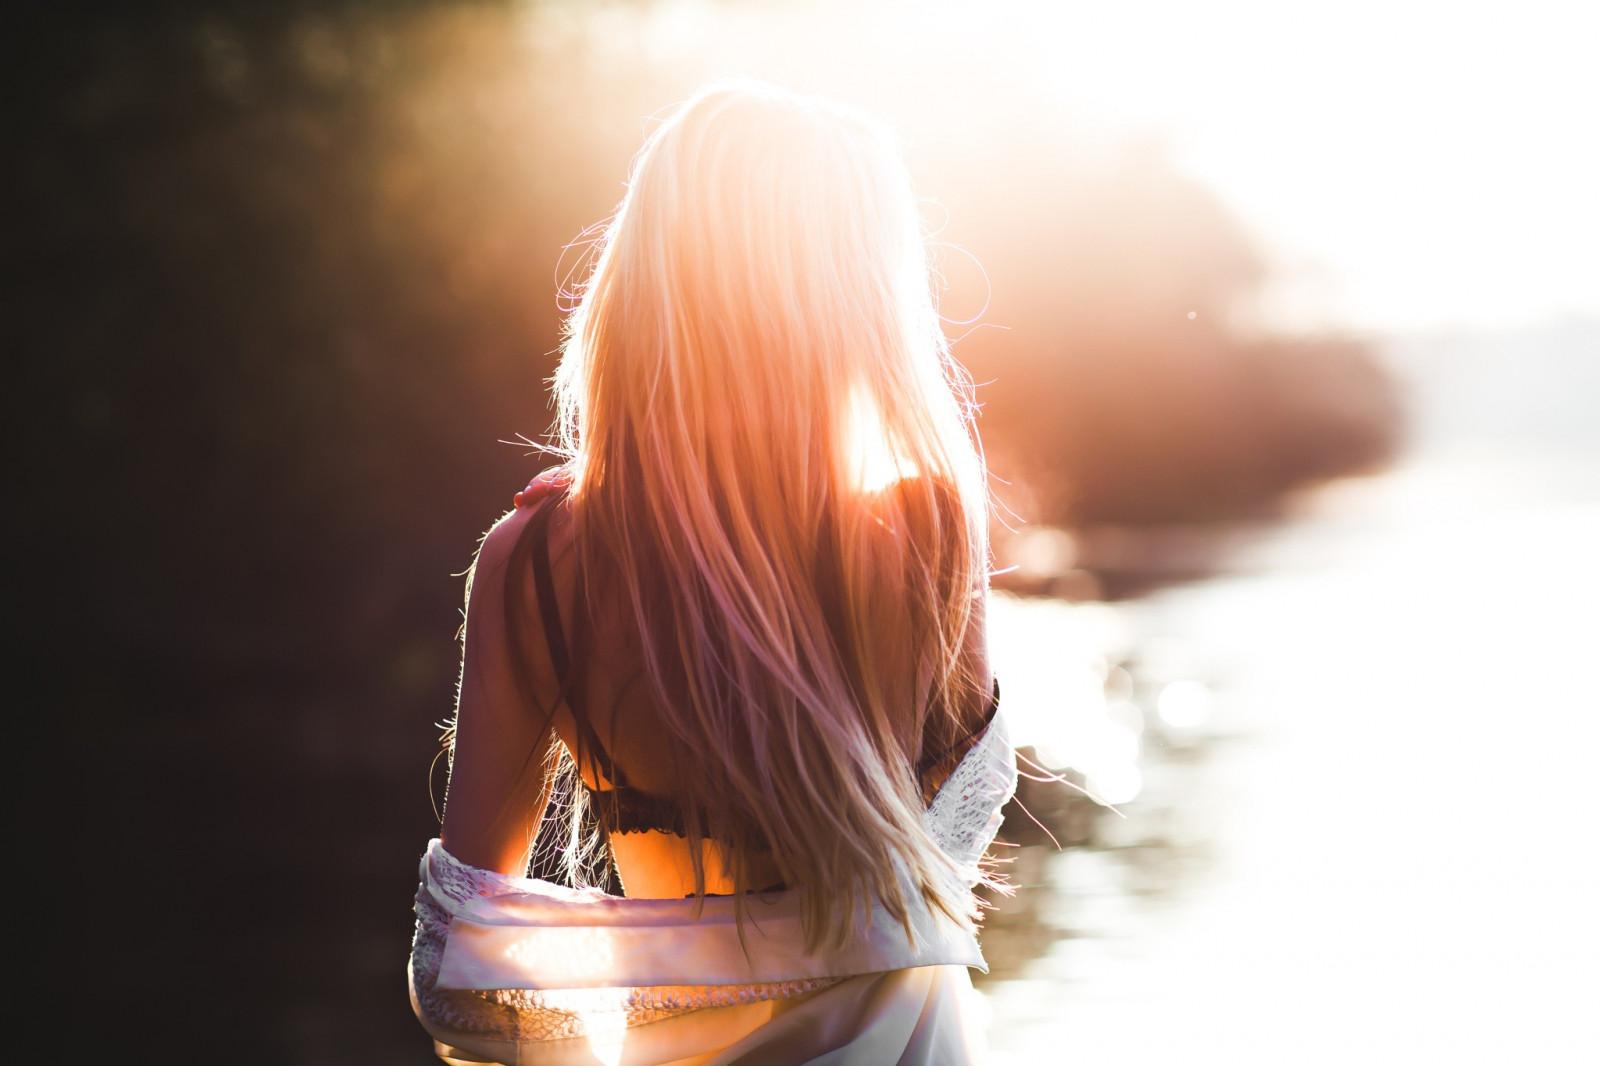 Фото красивых девушек в лучах солнца, Девушка в лучах солнца Girl in the sun Похожие фото 9 фотография